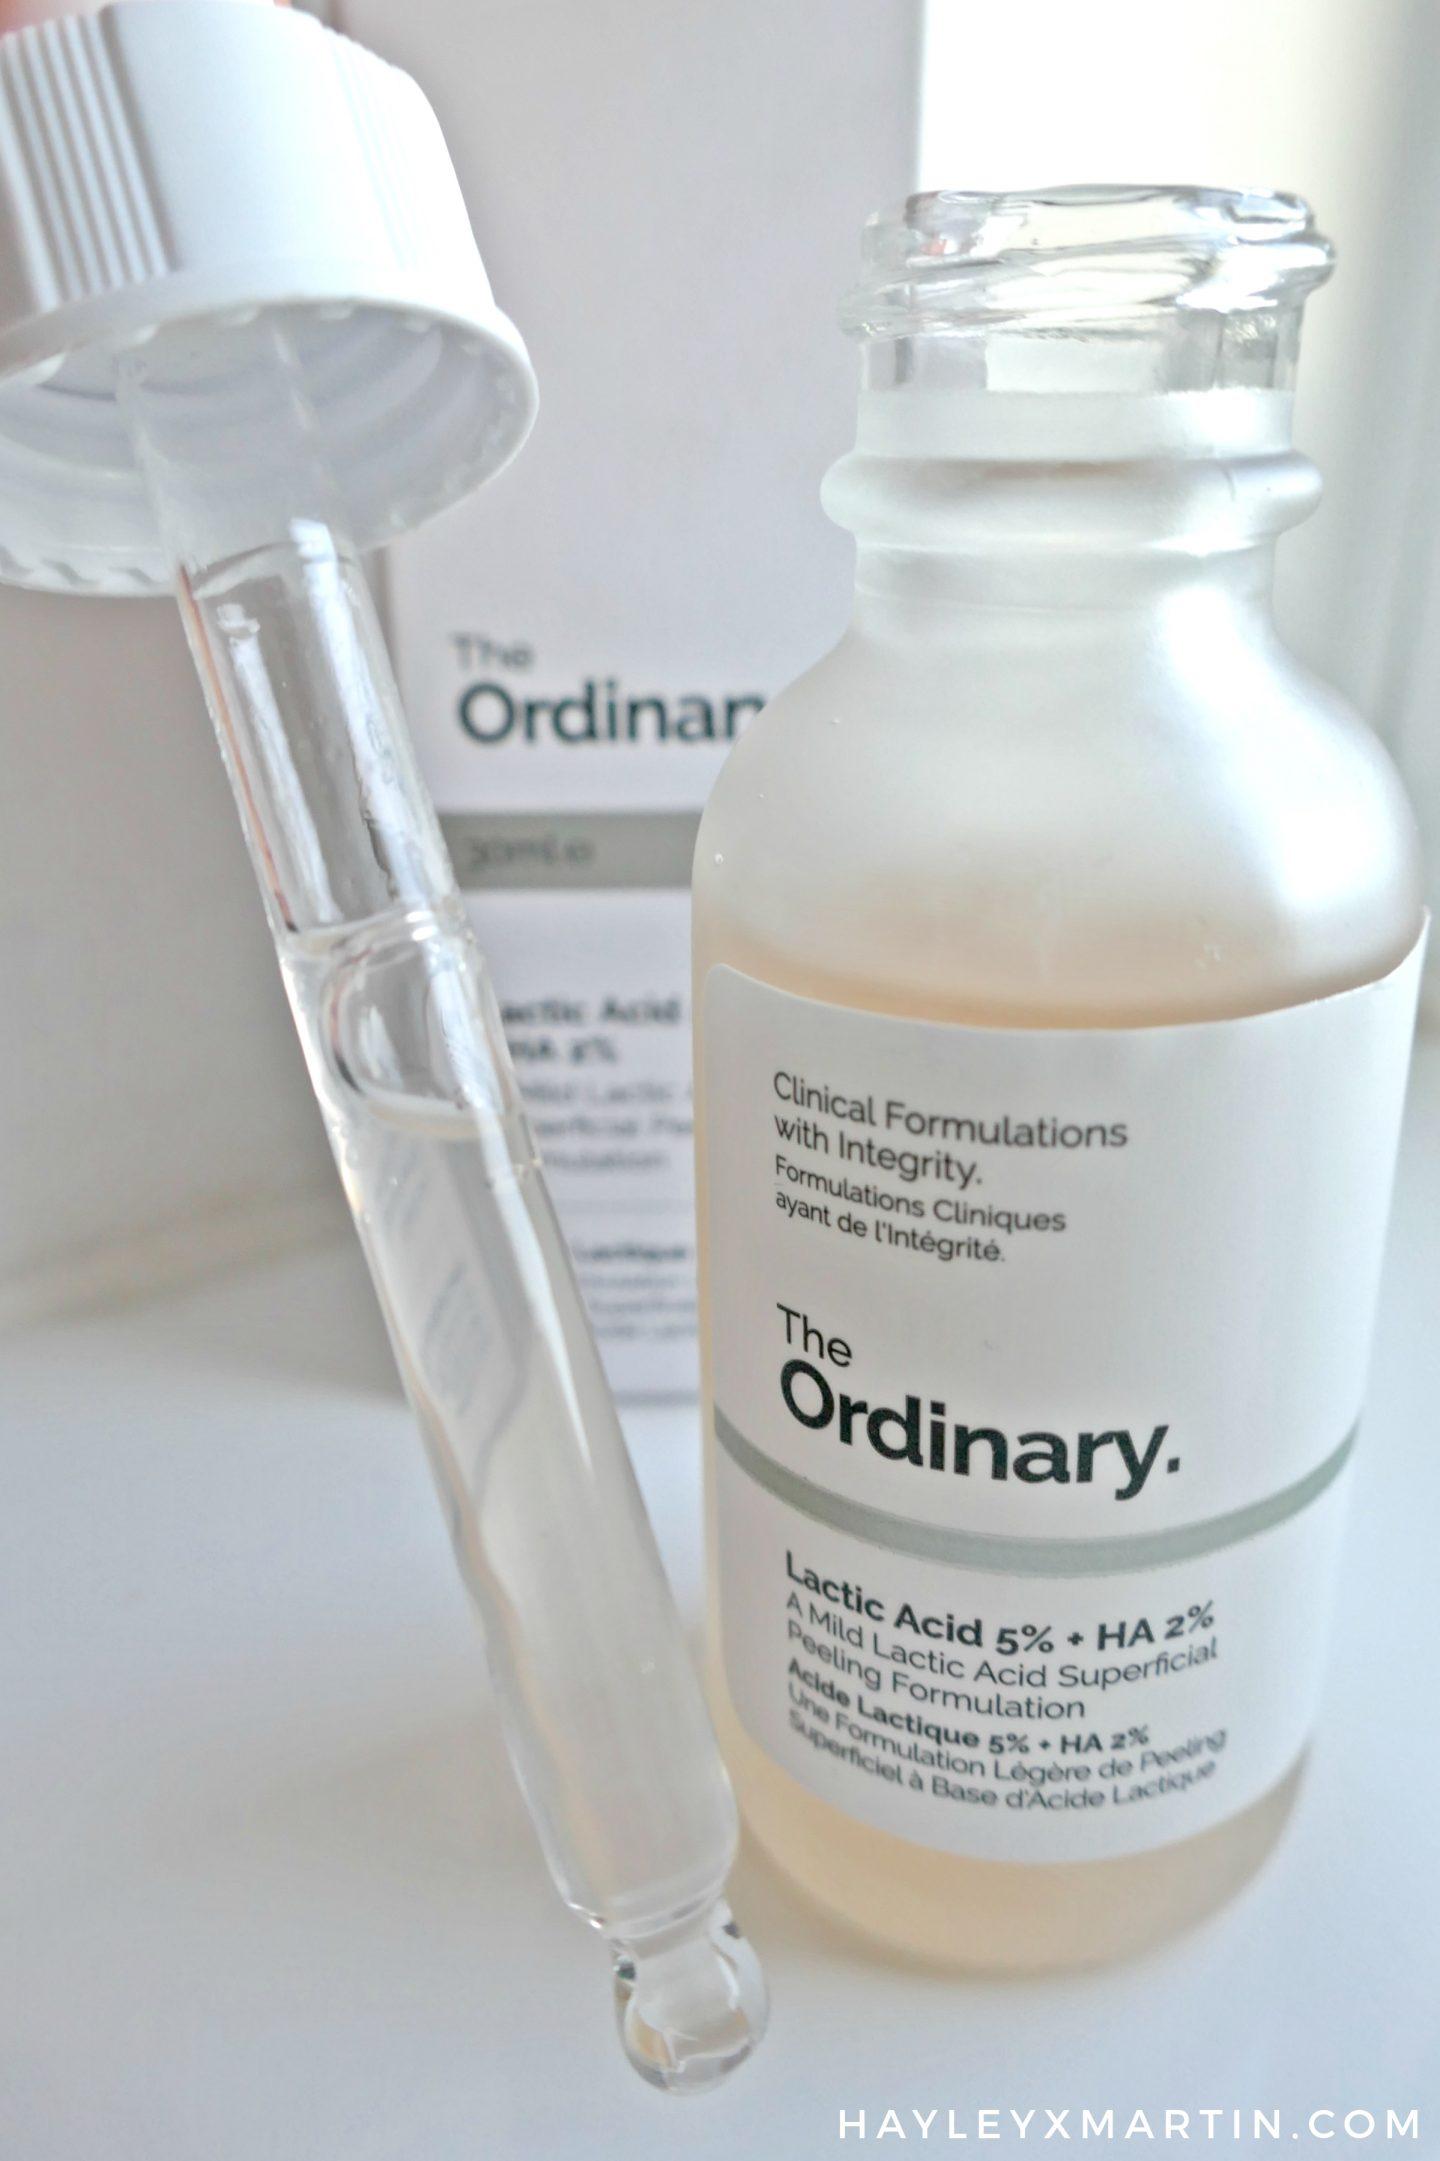 THEORDINARY-LACTICACID-HAYLEYXMARTIN